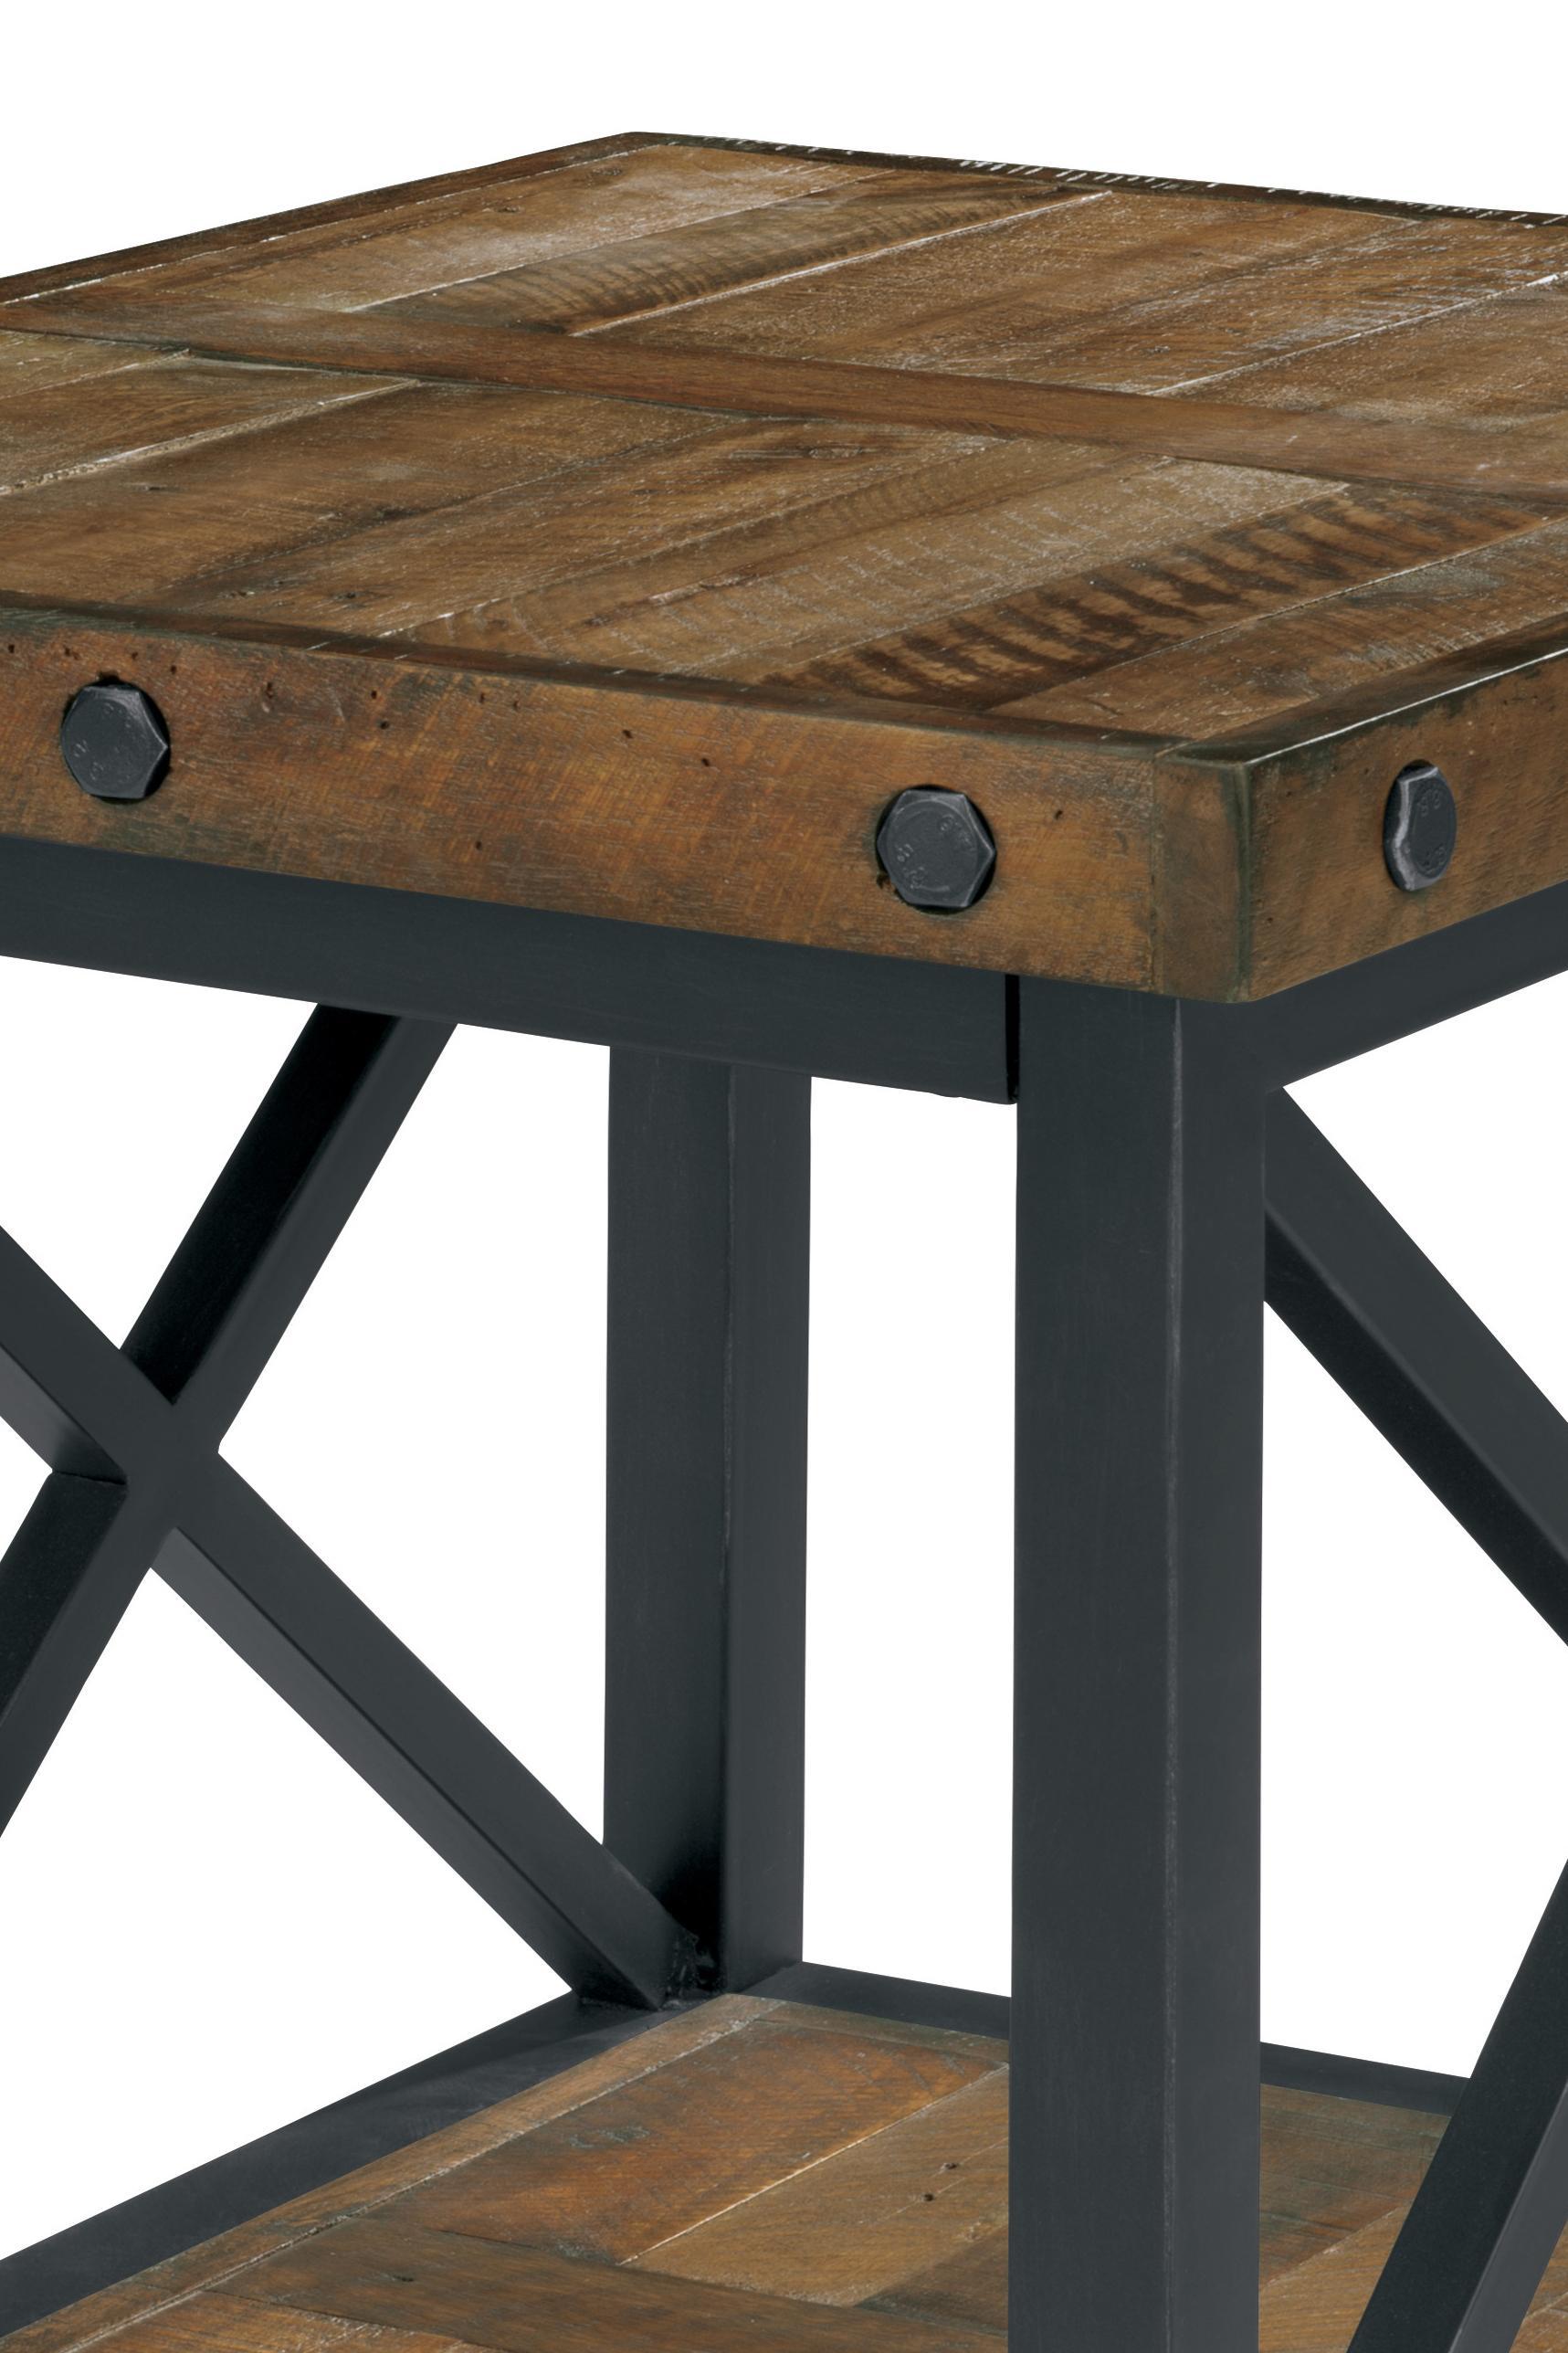 Carpenter 6722 by flexsteel wayside furniture flexsteel carpenter 6722 by flexsteel wayside furniture flexsteel carpenter dealer geotapseo Images